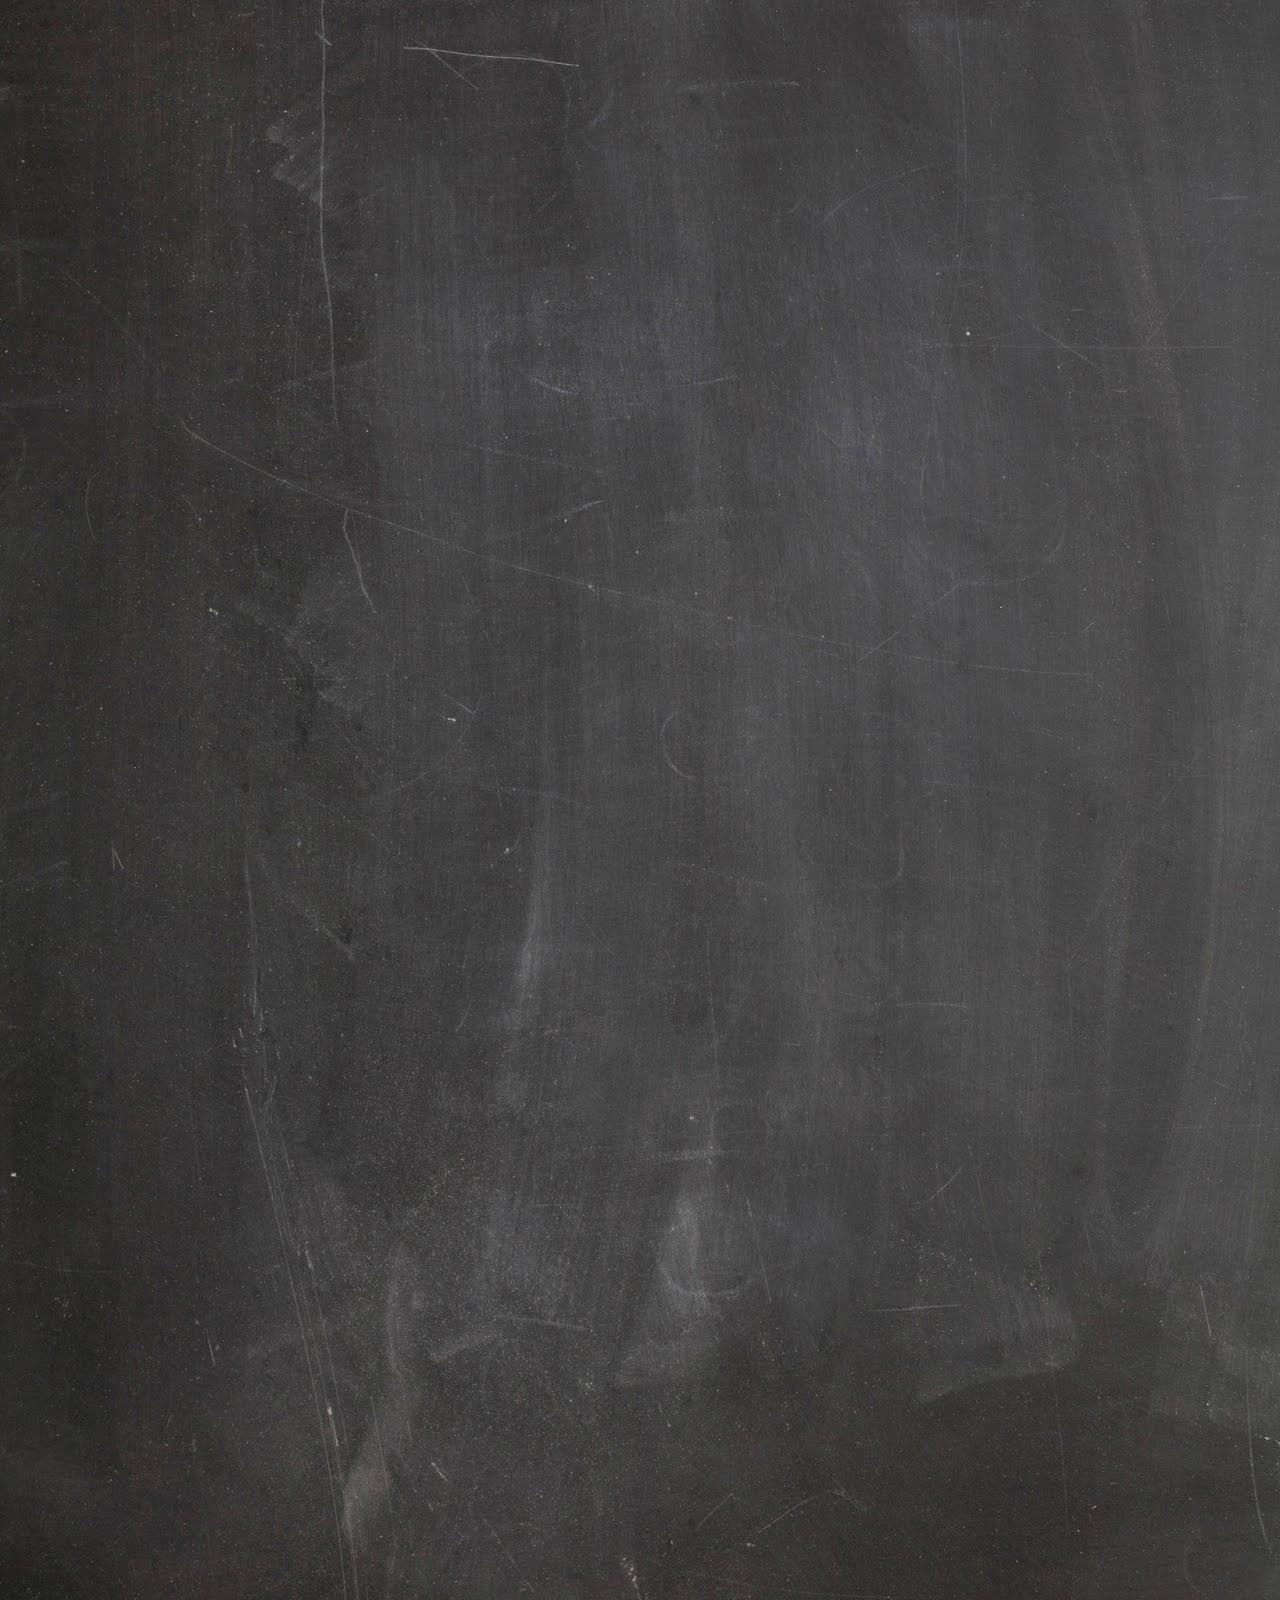 chalkboard wallpaper8 - photo #14